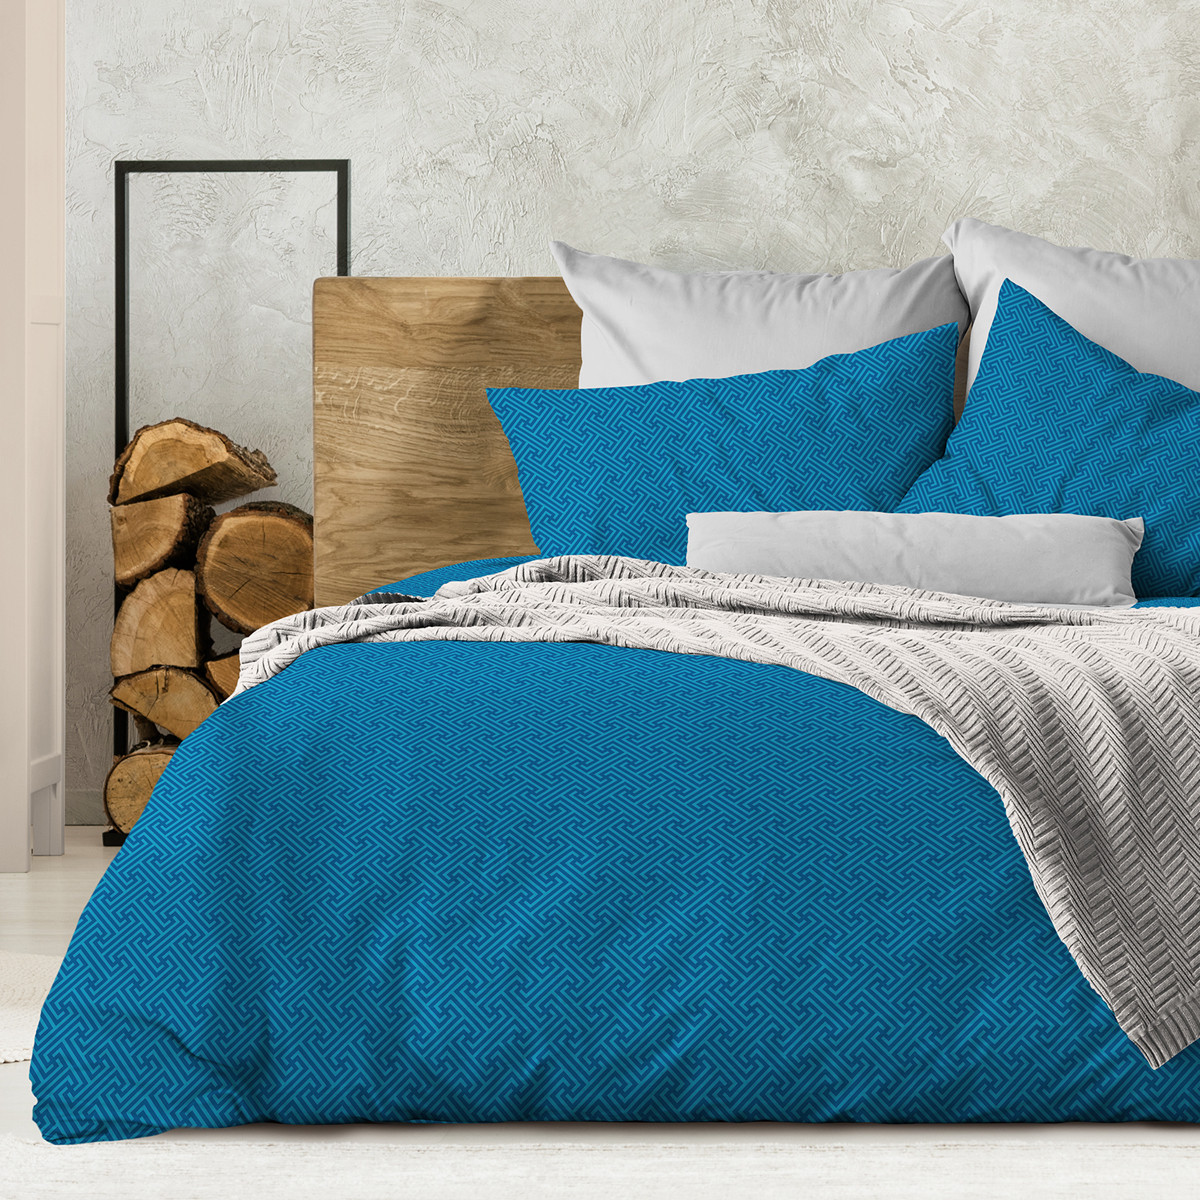 Wenge Комплект постельного белья Silver azure,  WENGE, 2 спальный евро (наволочки 70х70),